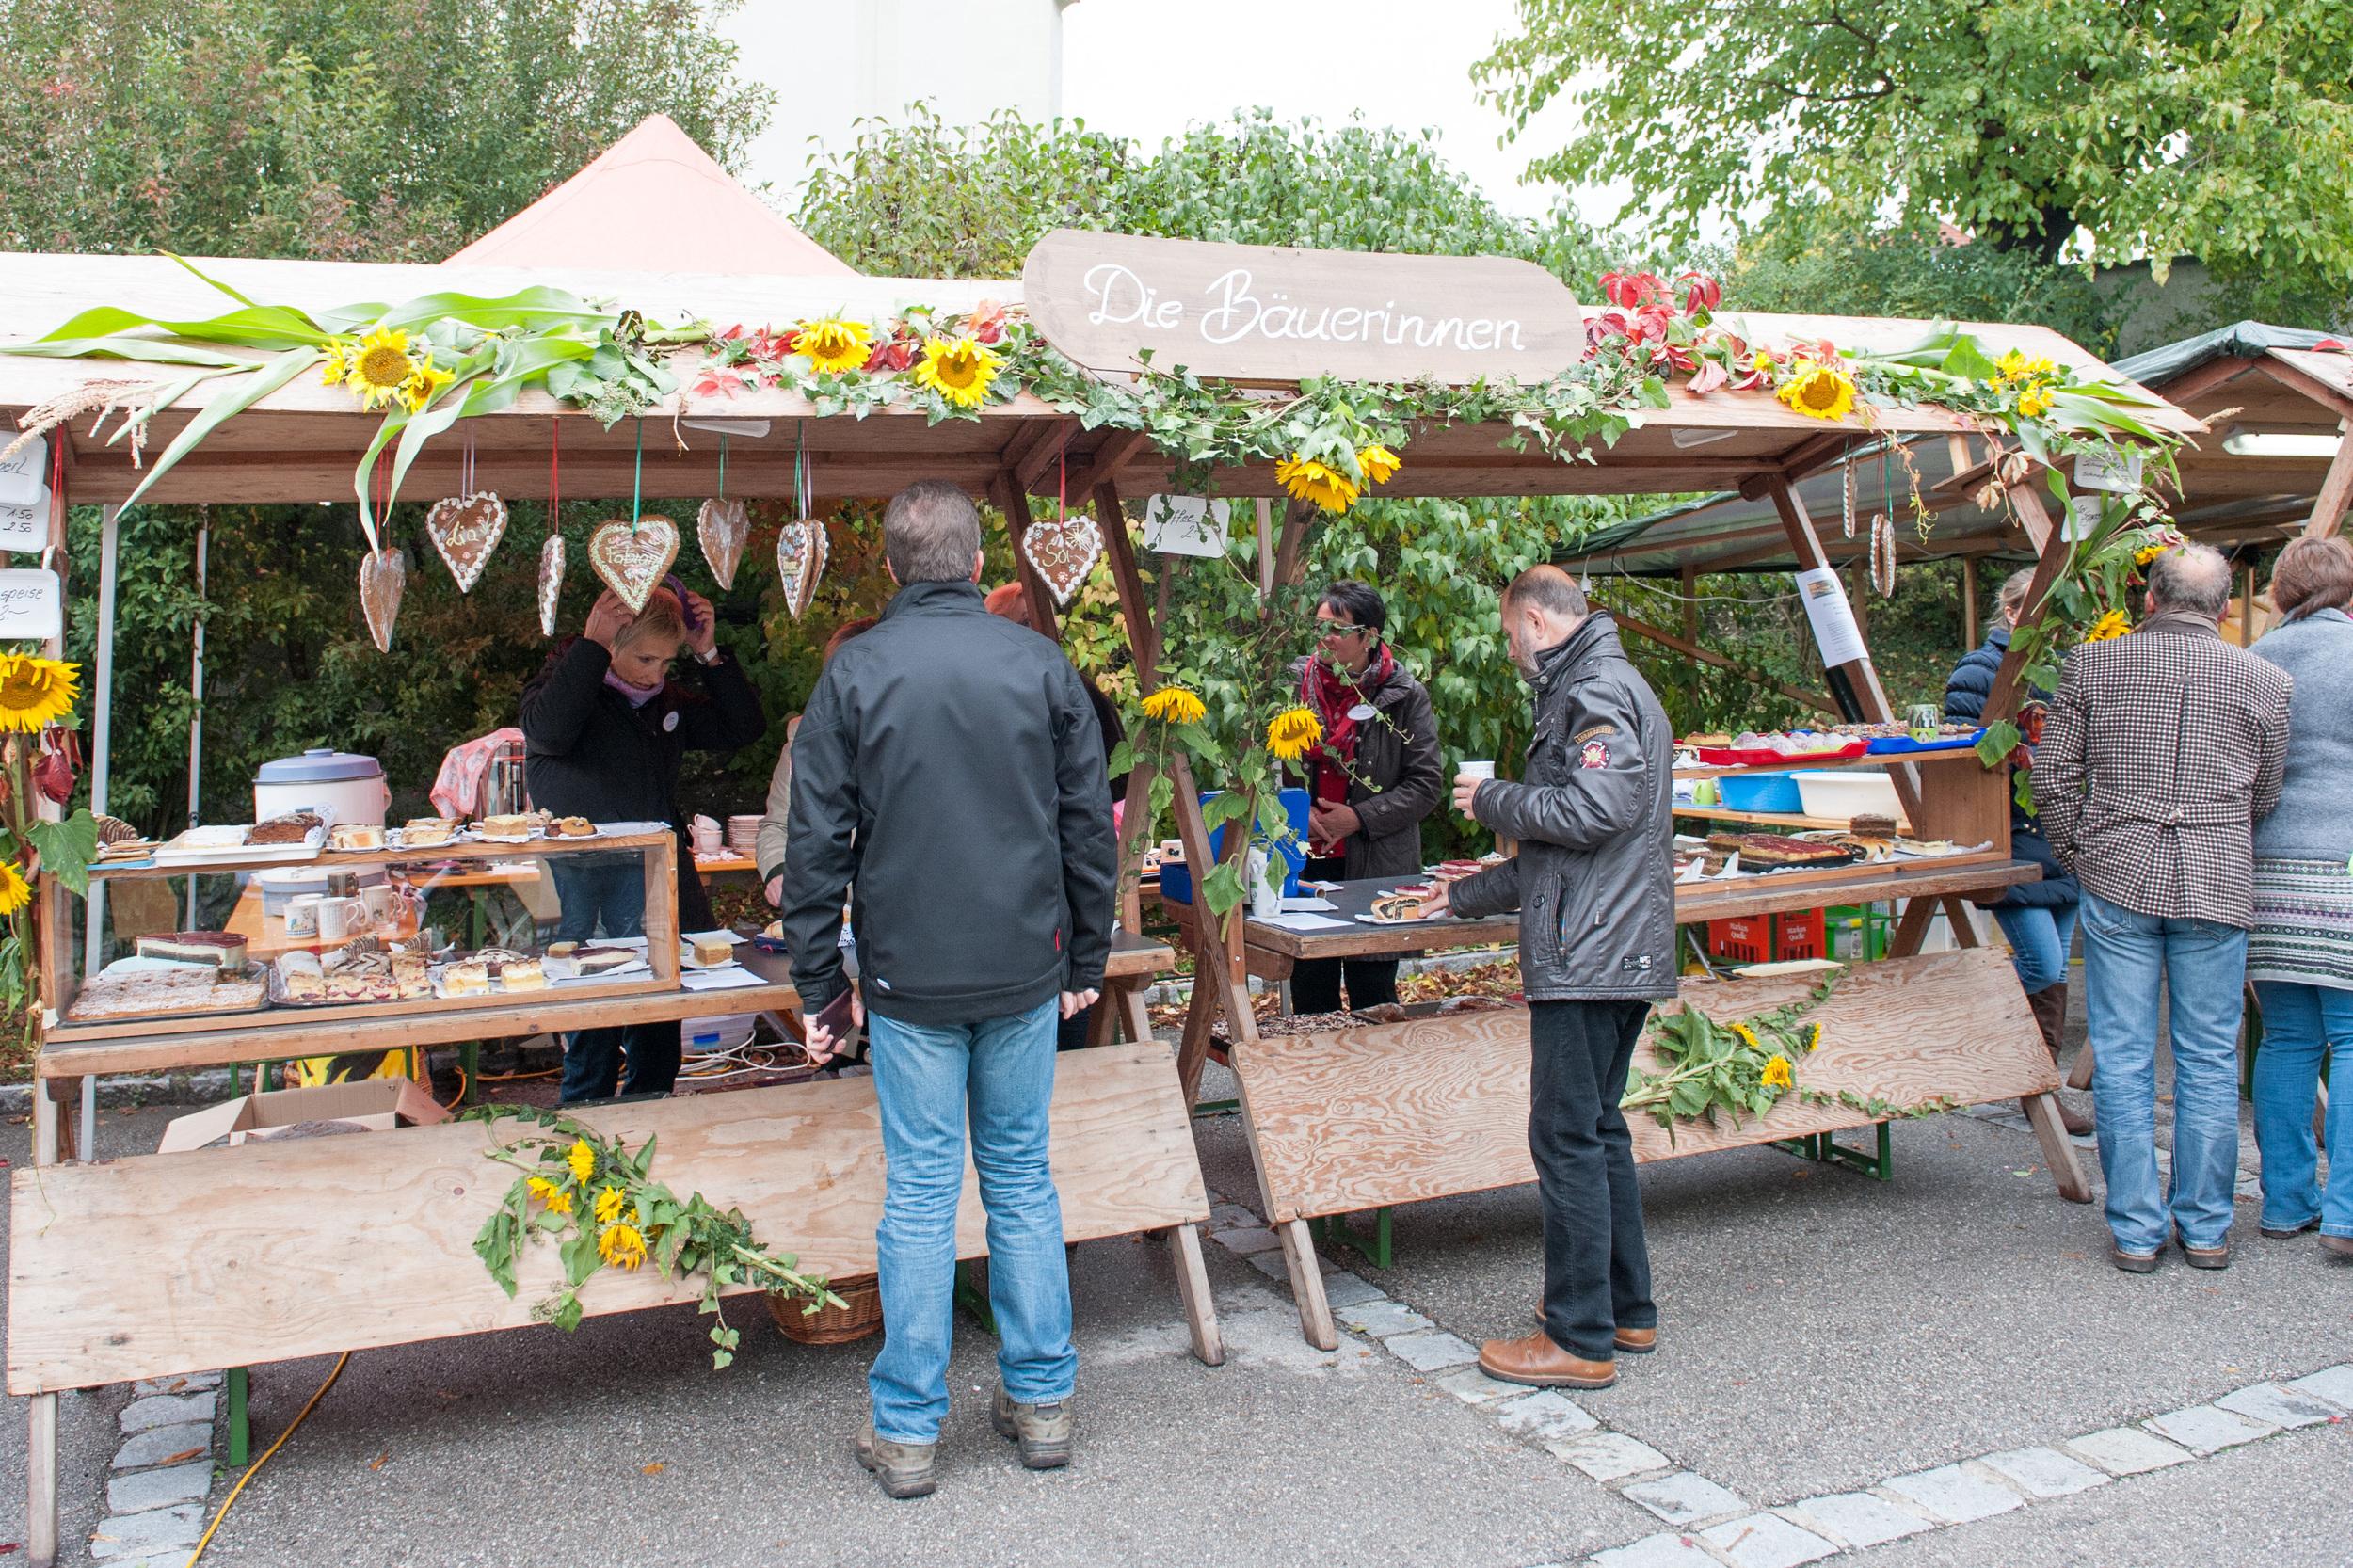 Bauermarkt_Kasten_06.jpg